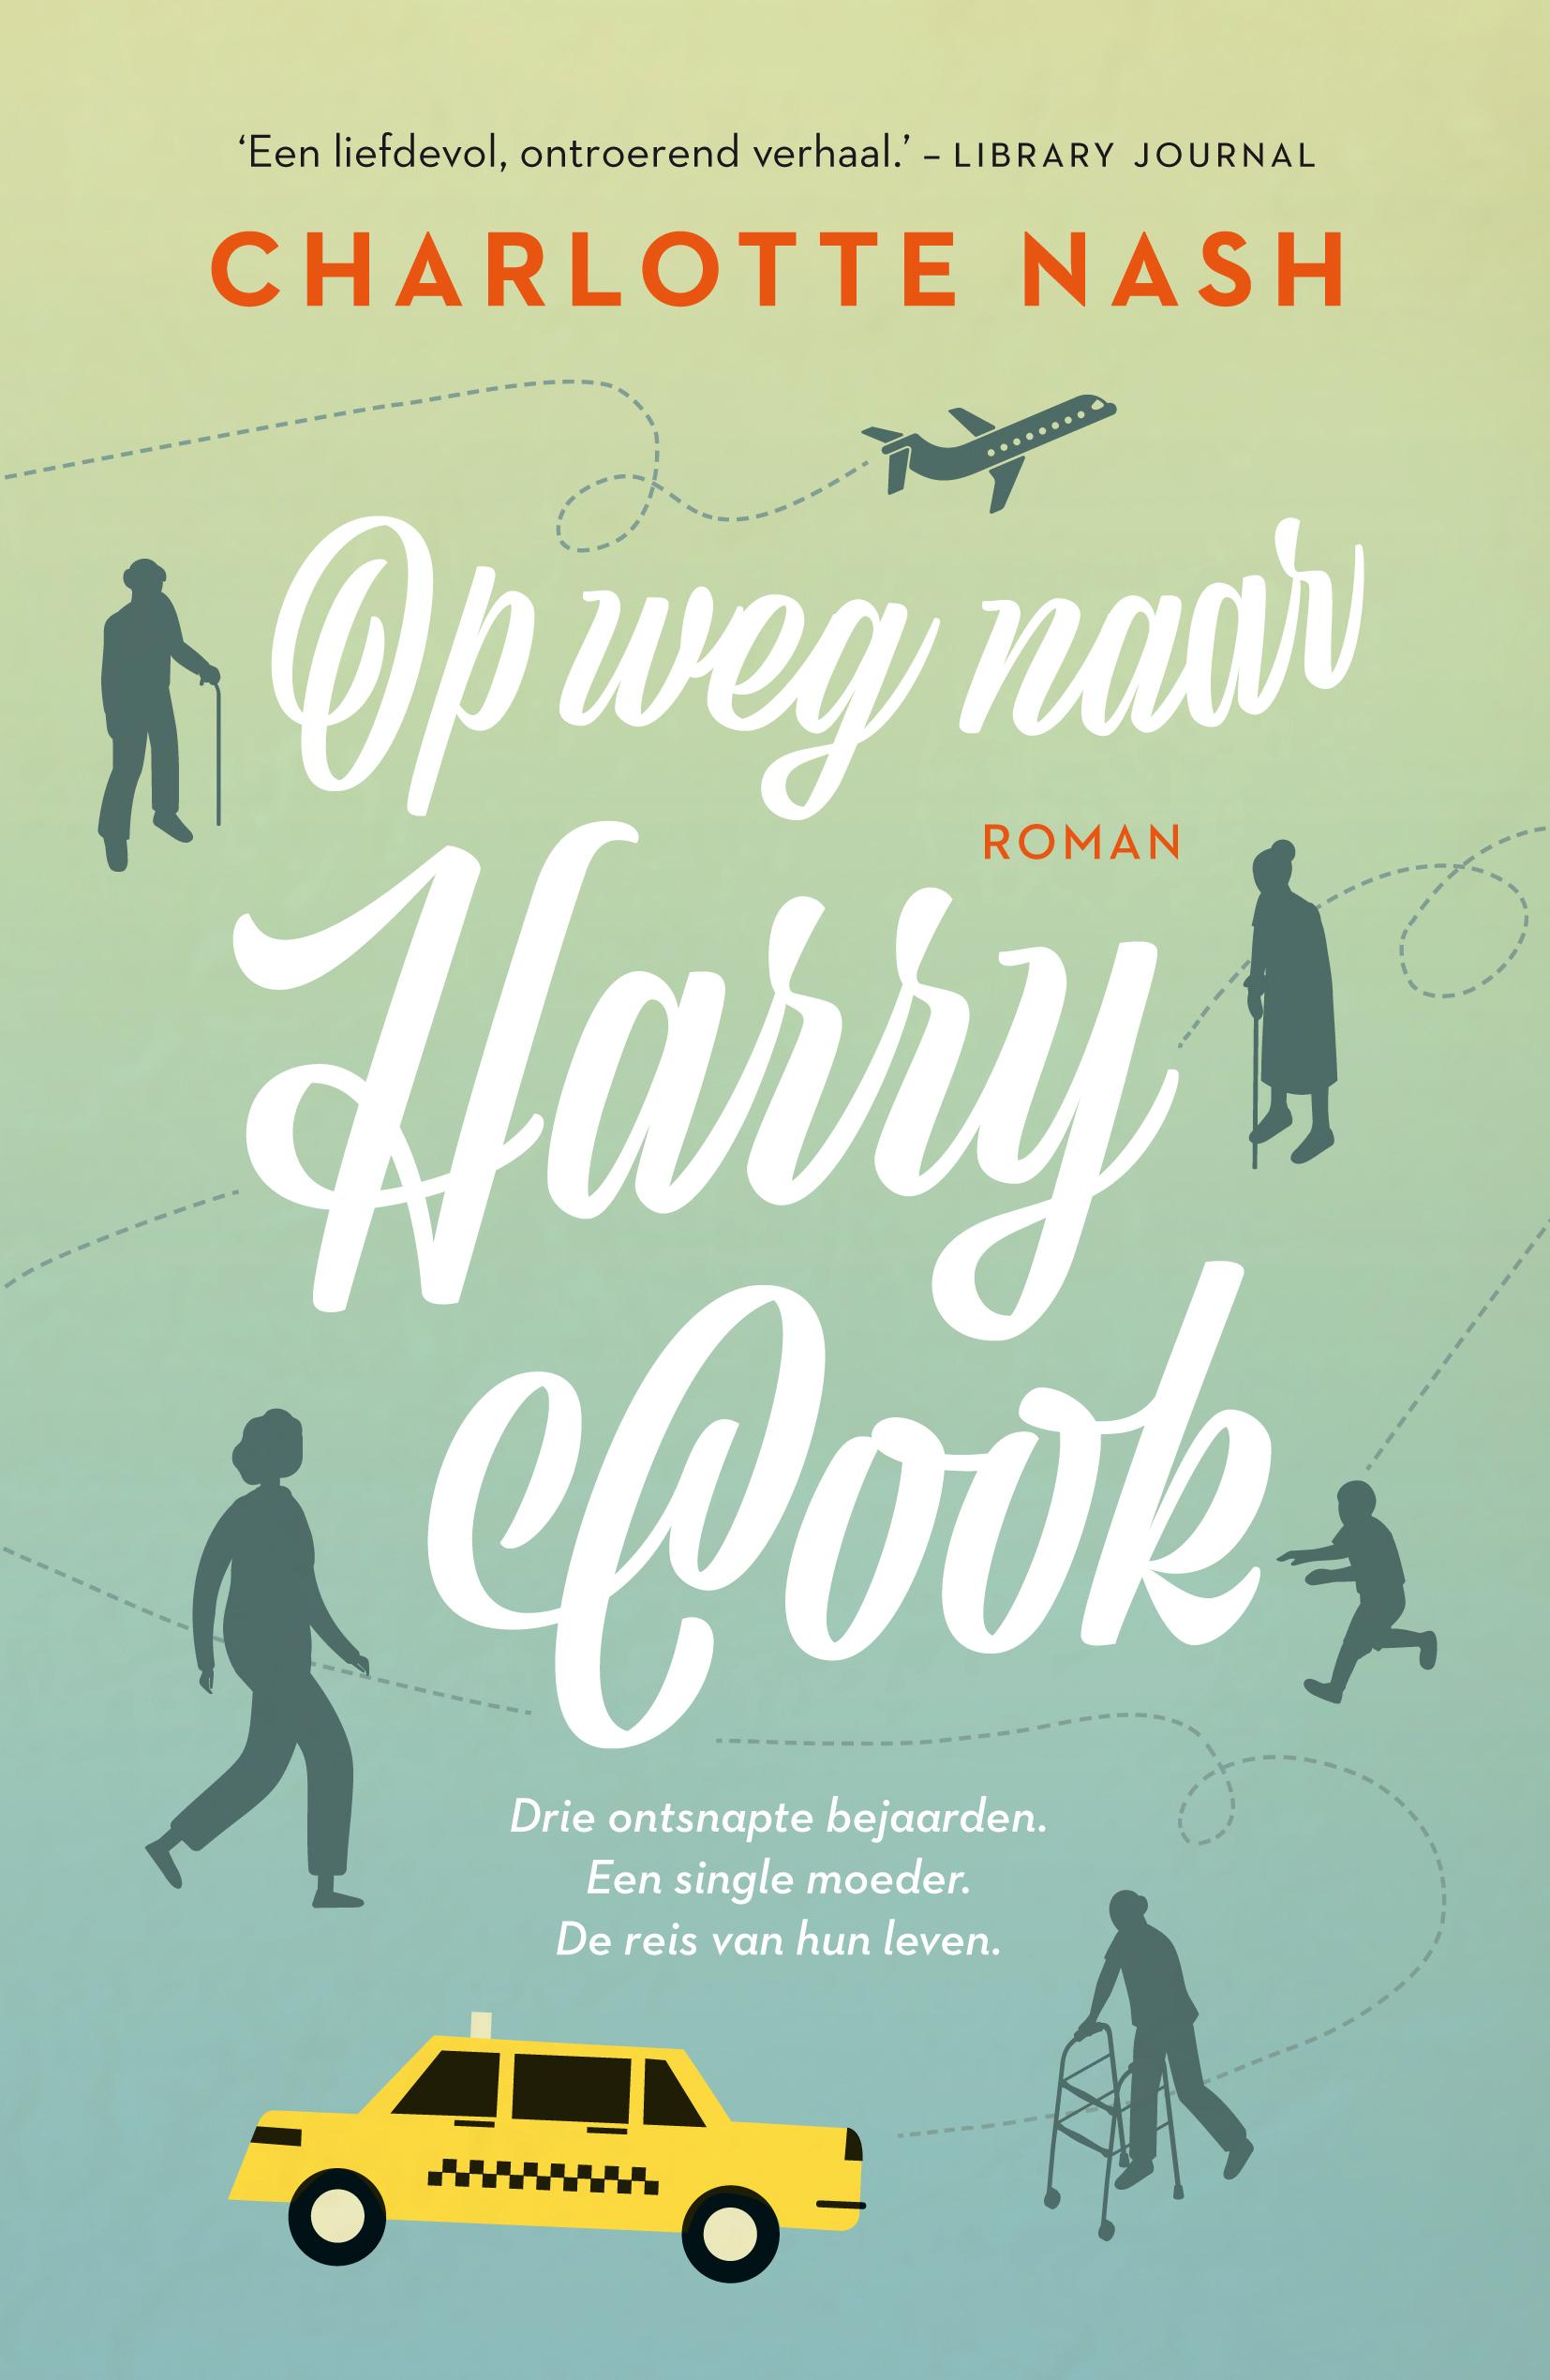 Op weg naar Harry Cook - boekenflits